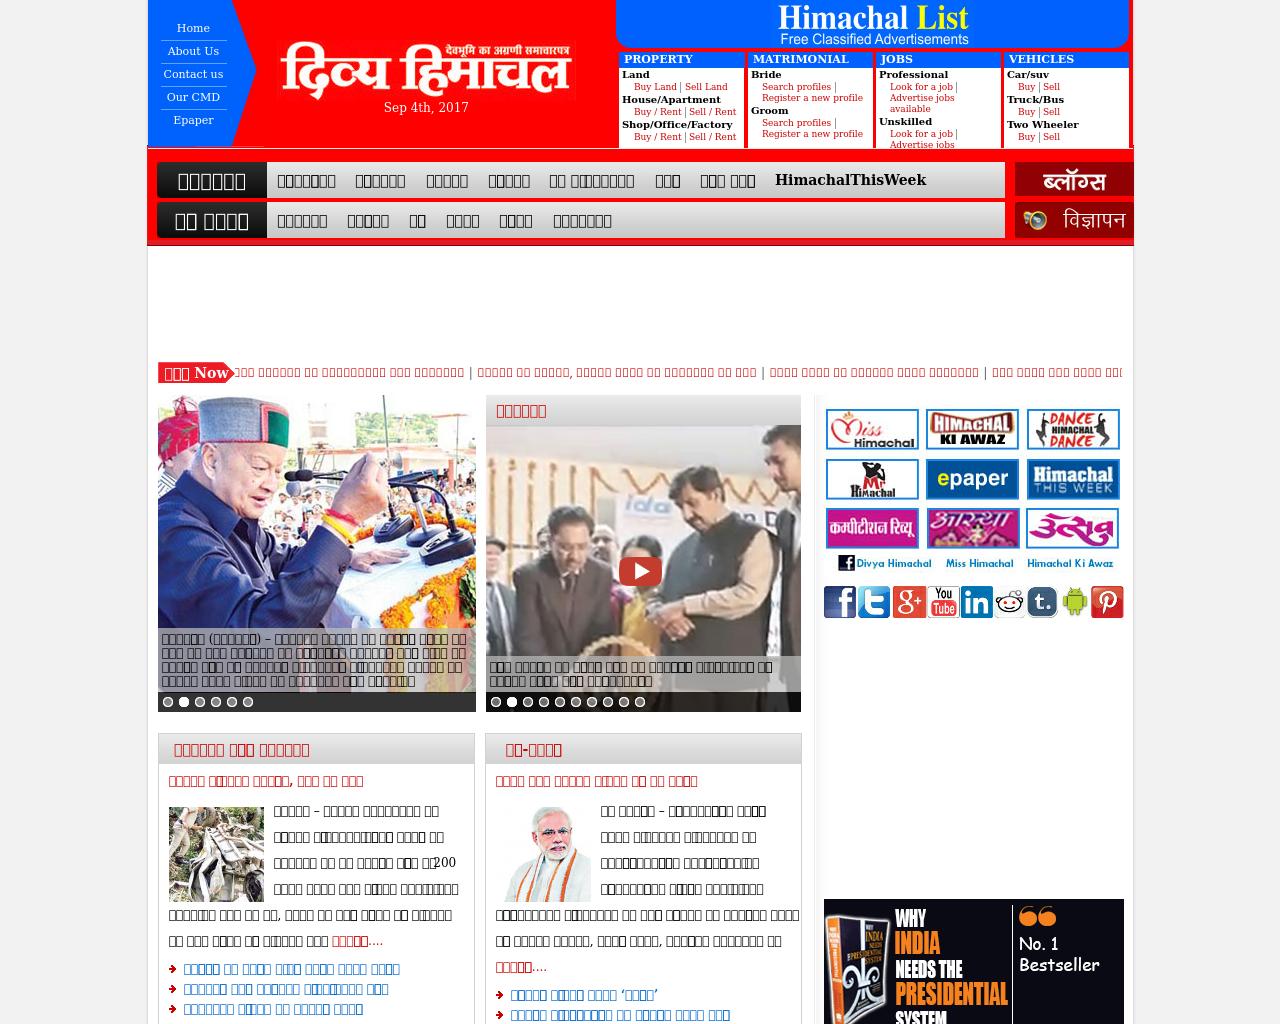 Divya-Himachal-Prakashan-Pvt.-Ltd.-Advertising-Reviews-Pricing